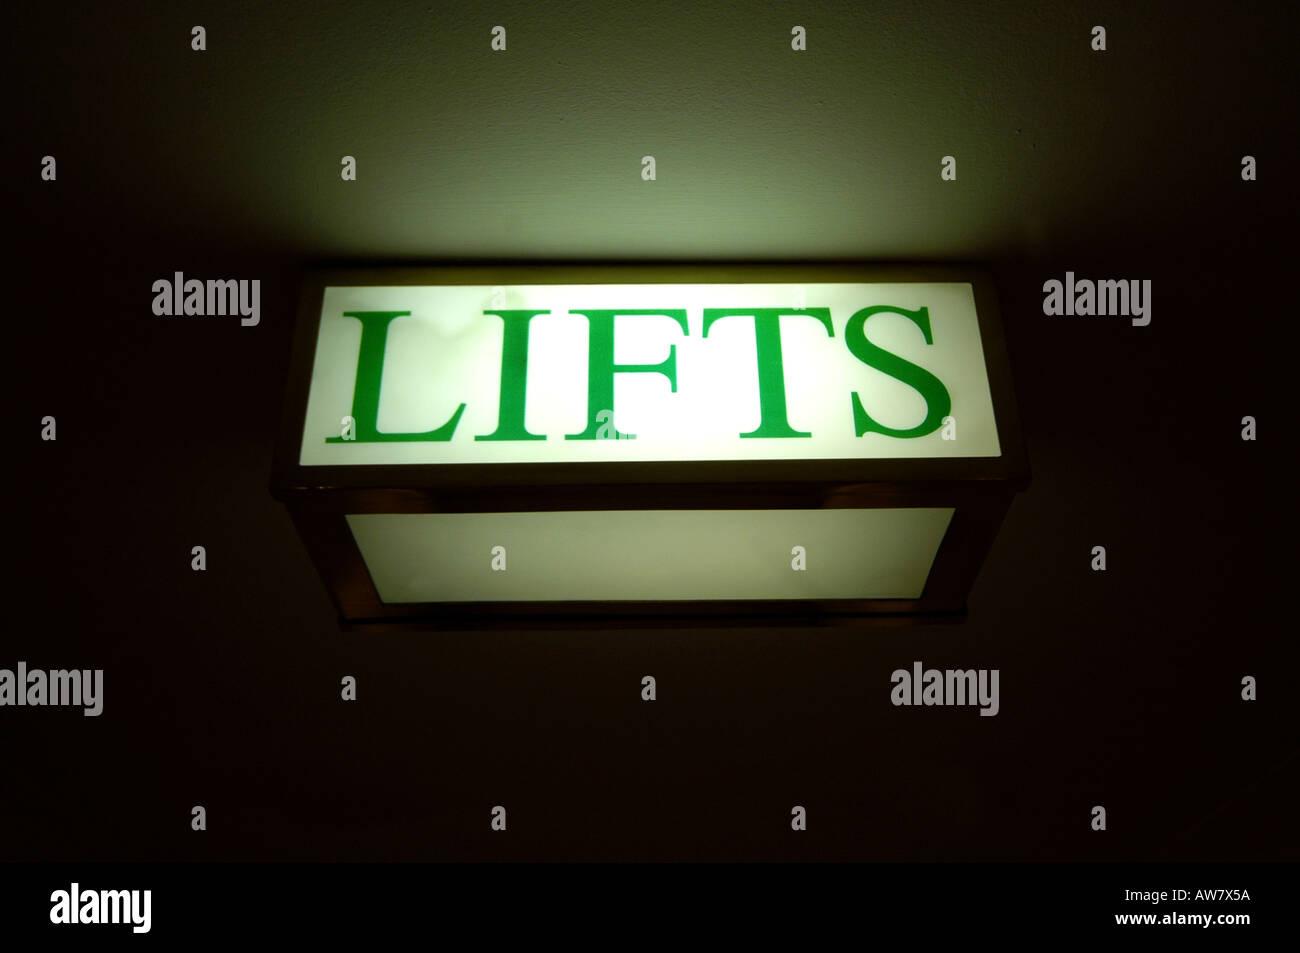 Lift sign in hotel coridoor. - Stock Image